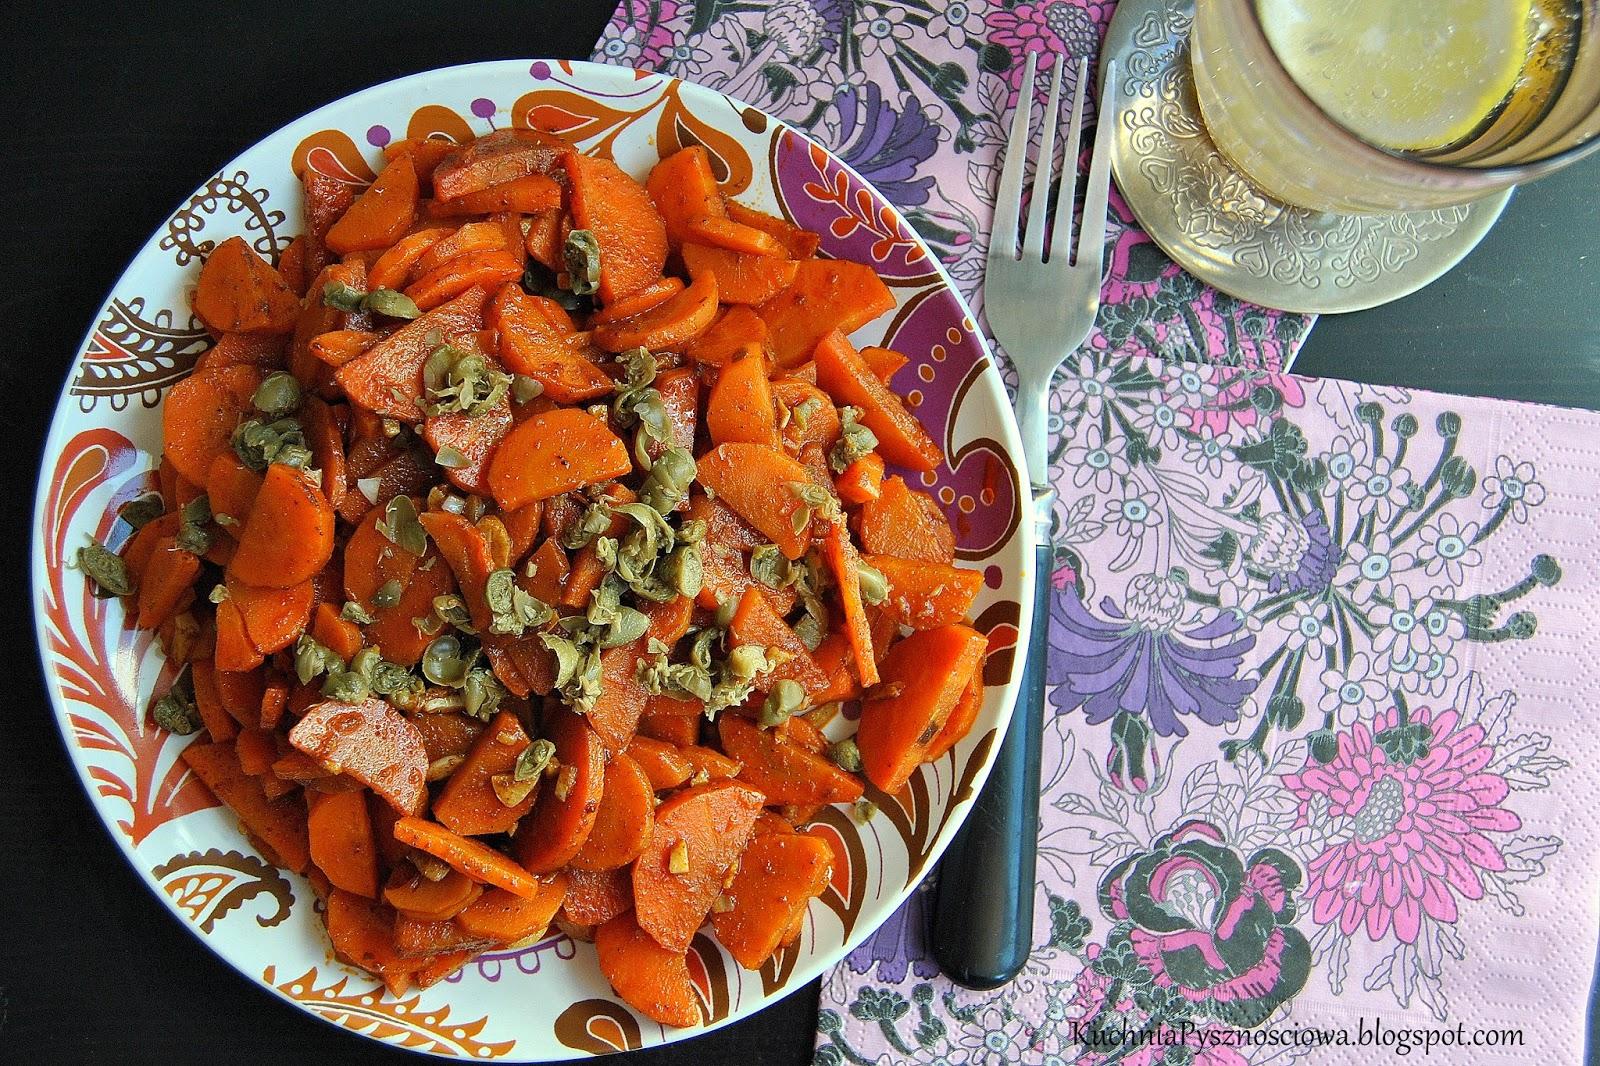 315. Oummok Houria, czyli arabska sałatka z marchewki i kaparów